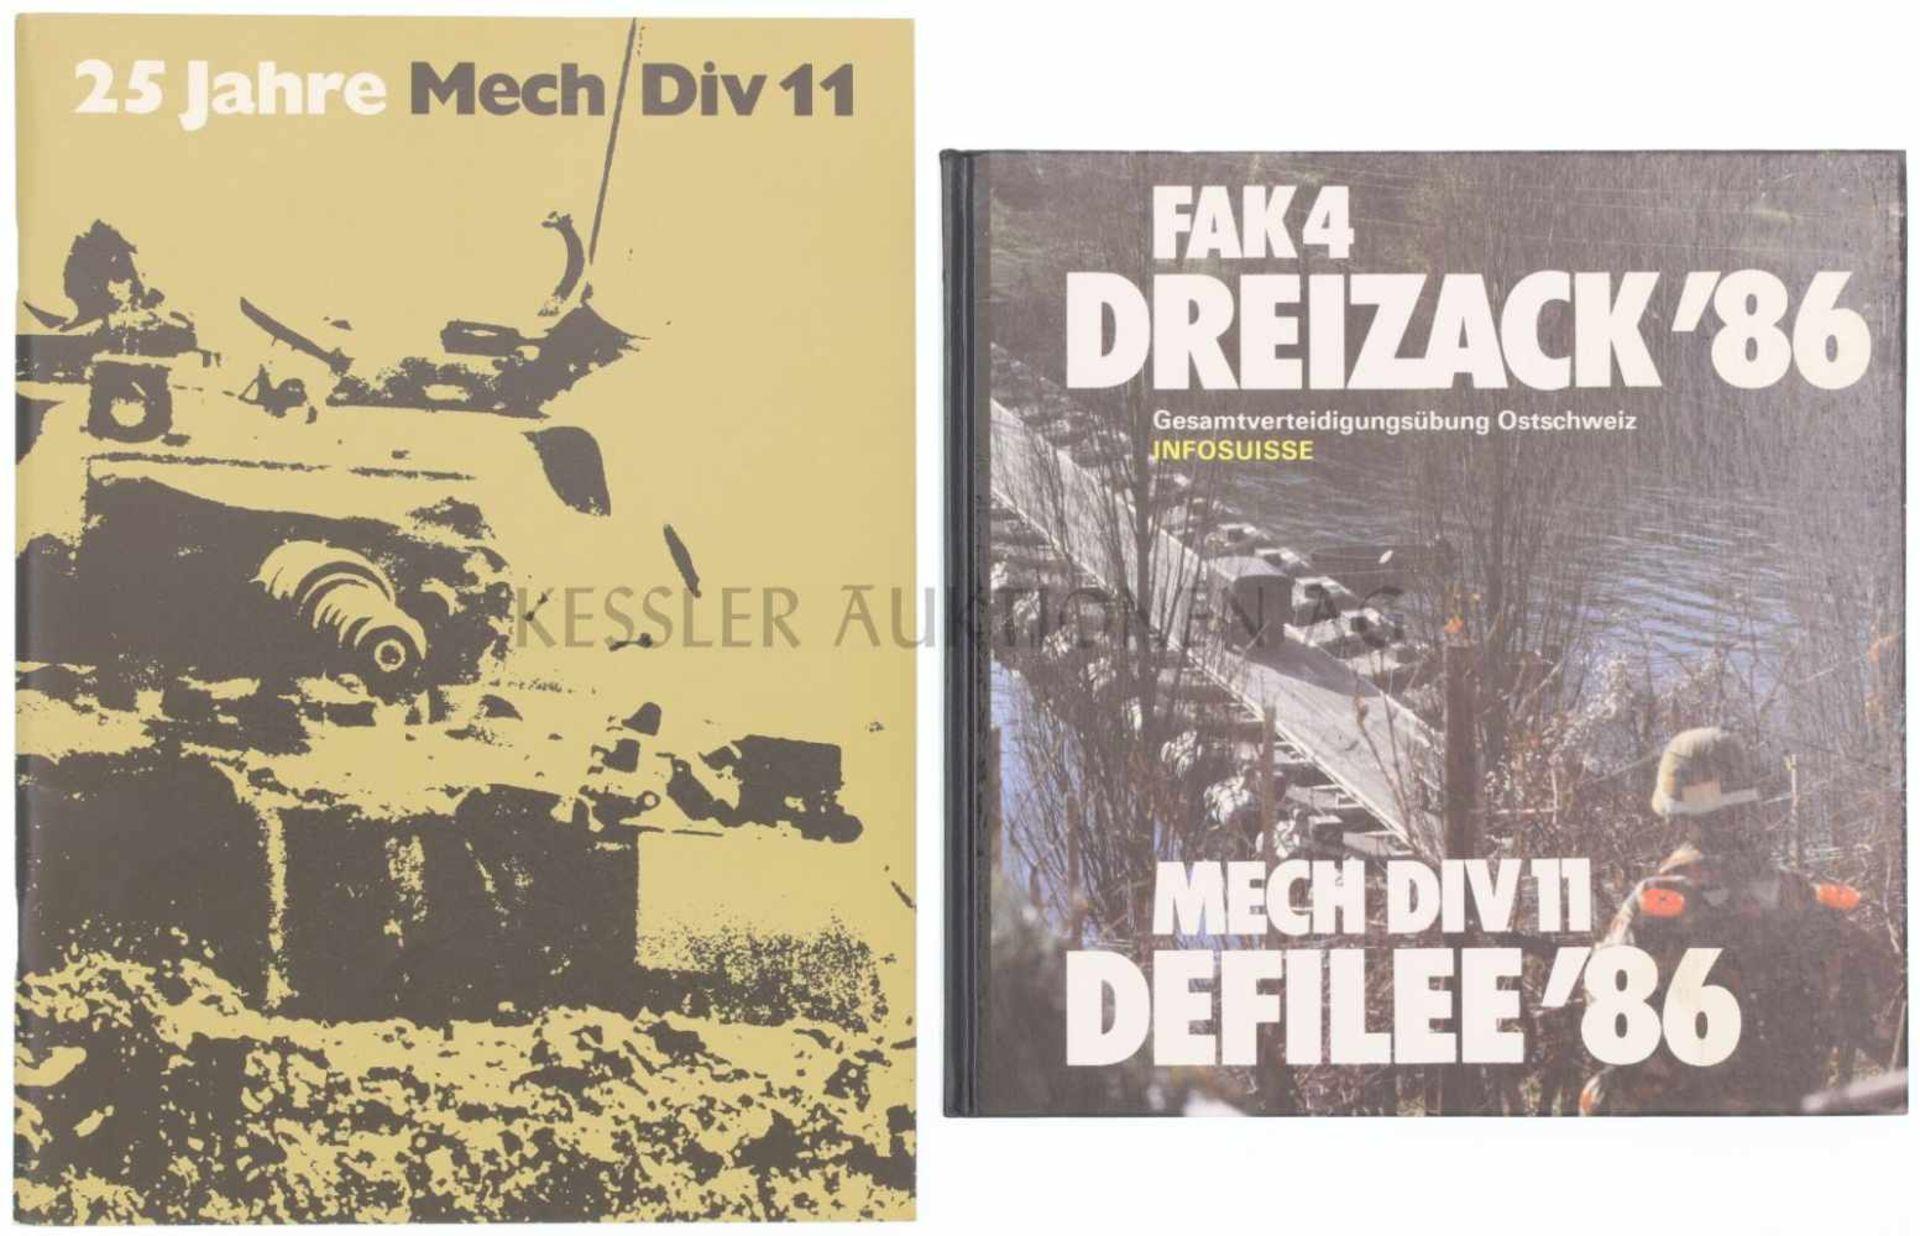 Los 30 - Konvolut von 2 Büchern 1. FAK4, Dreizack'86. Gesamtverteidigungsübung in der Ostschweiz. 2. 25 Jahre